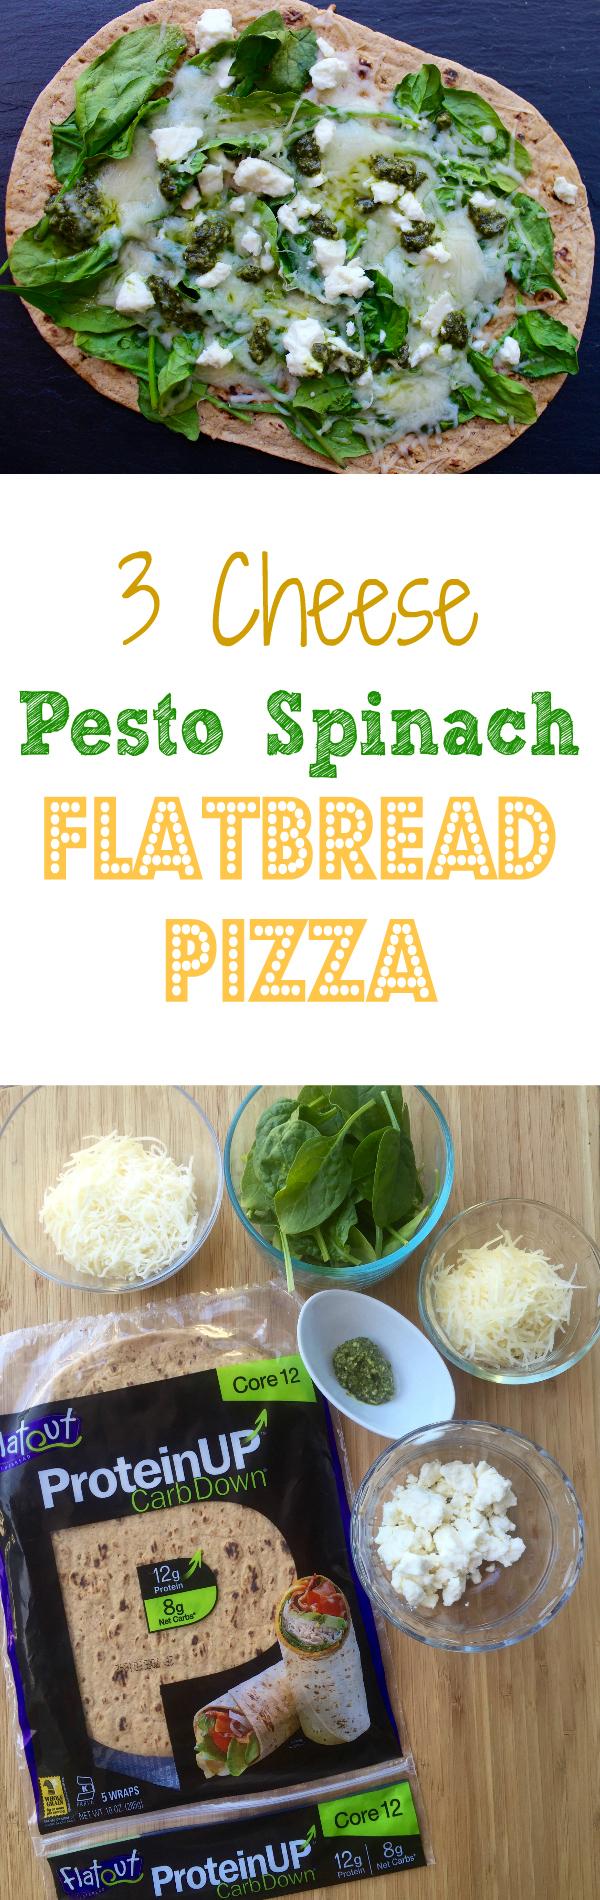 3 Cheese Pesto Spinach Flatbread Pizza